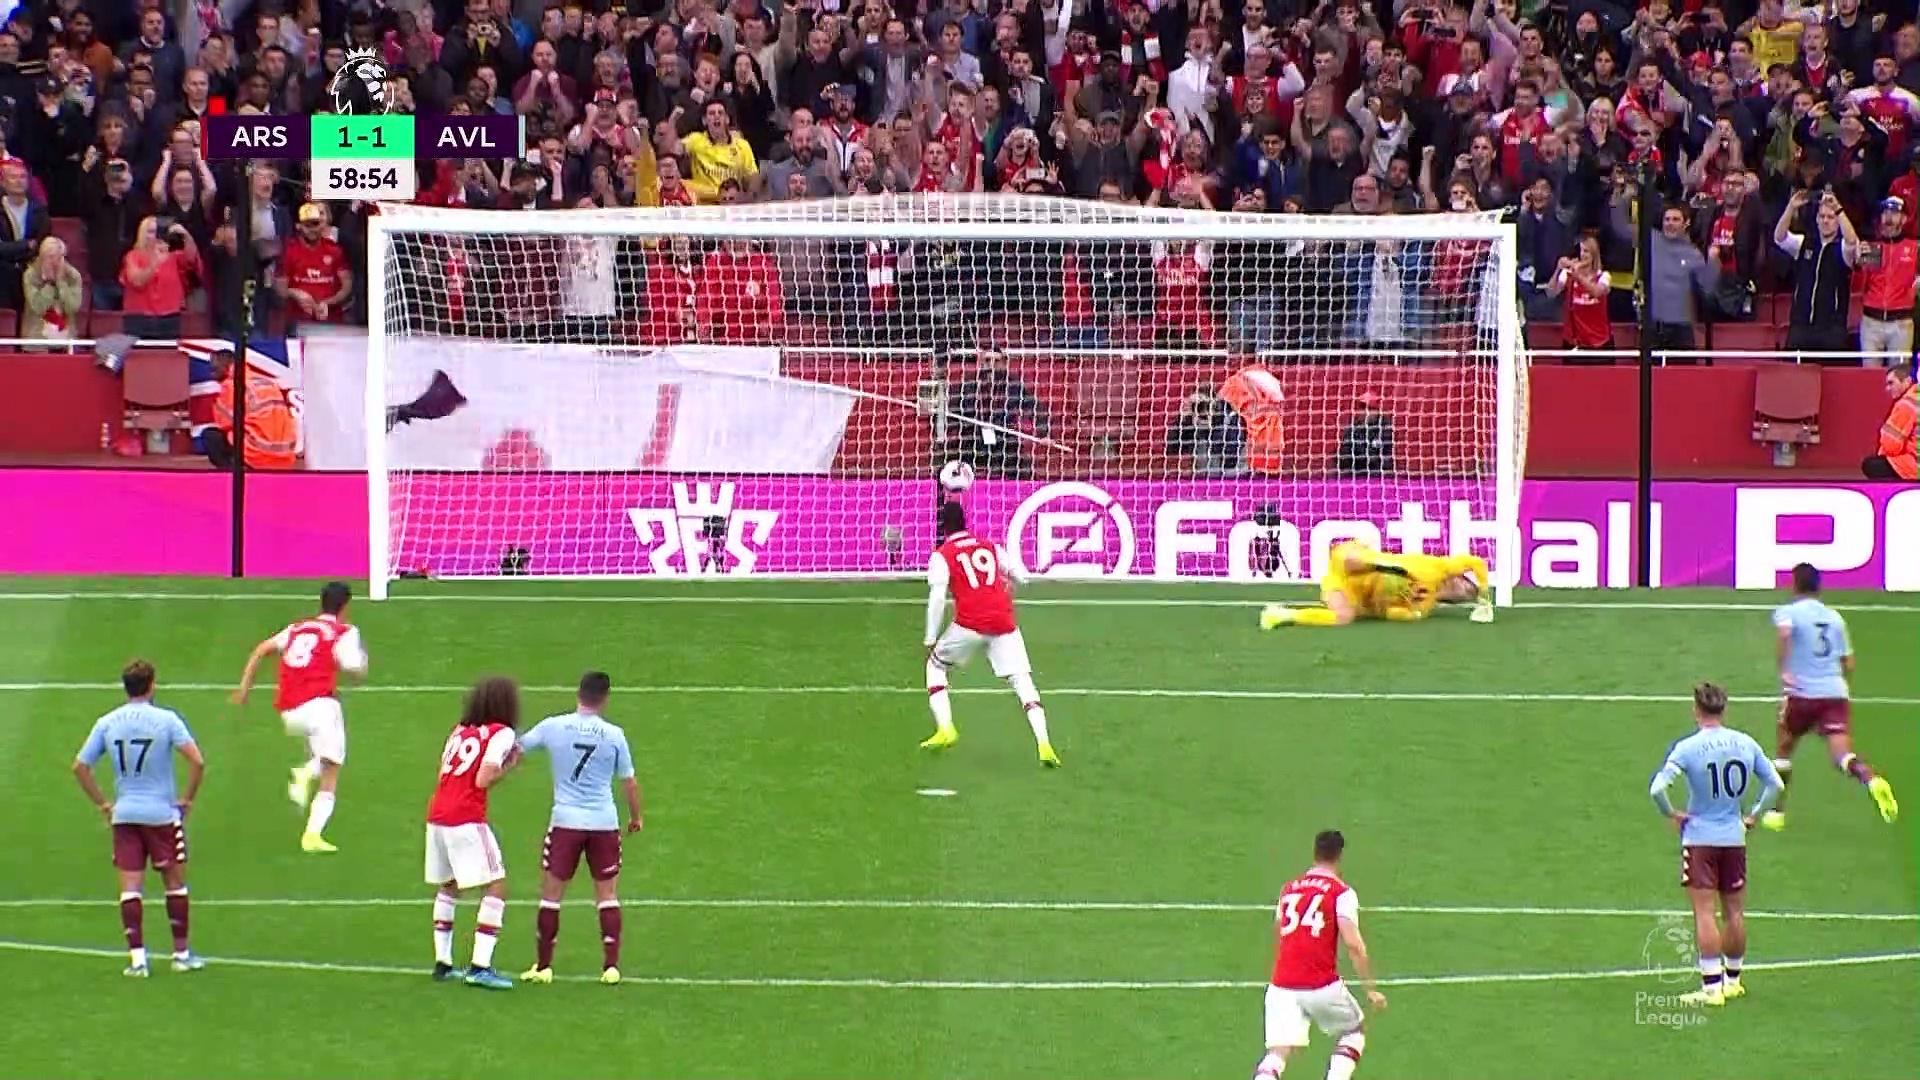 6. Hafta / Arsenal - Aston Villa 3-2 (Özet)